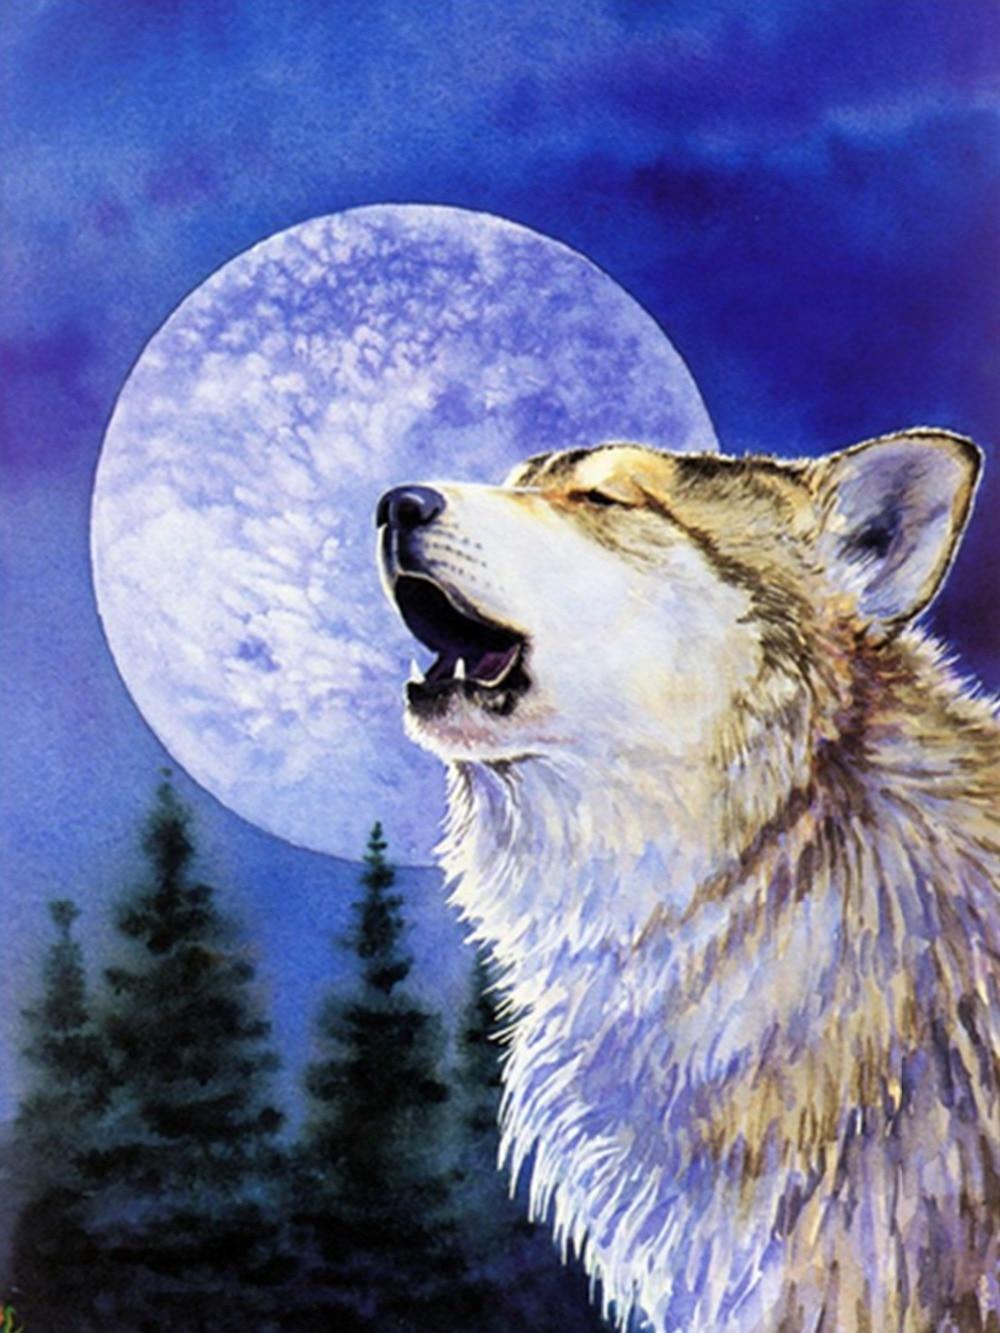 1f51e9fe3 الذئب الماس الفسيفساء لوحات التطريز عبر الابره الذئاب الحيوانات الديكورات  الراين ملصقات الحائط الإبرة 30*40 سنتيمتر